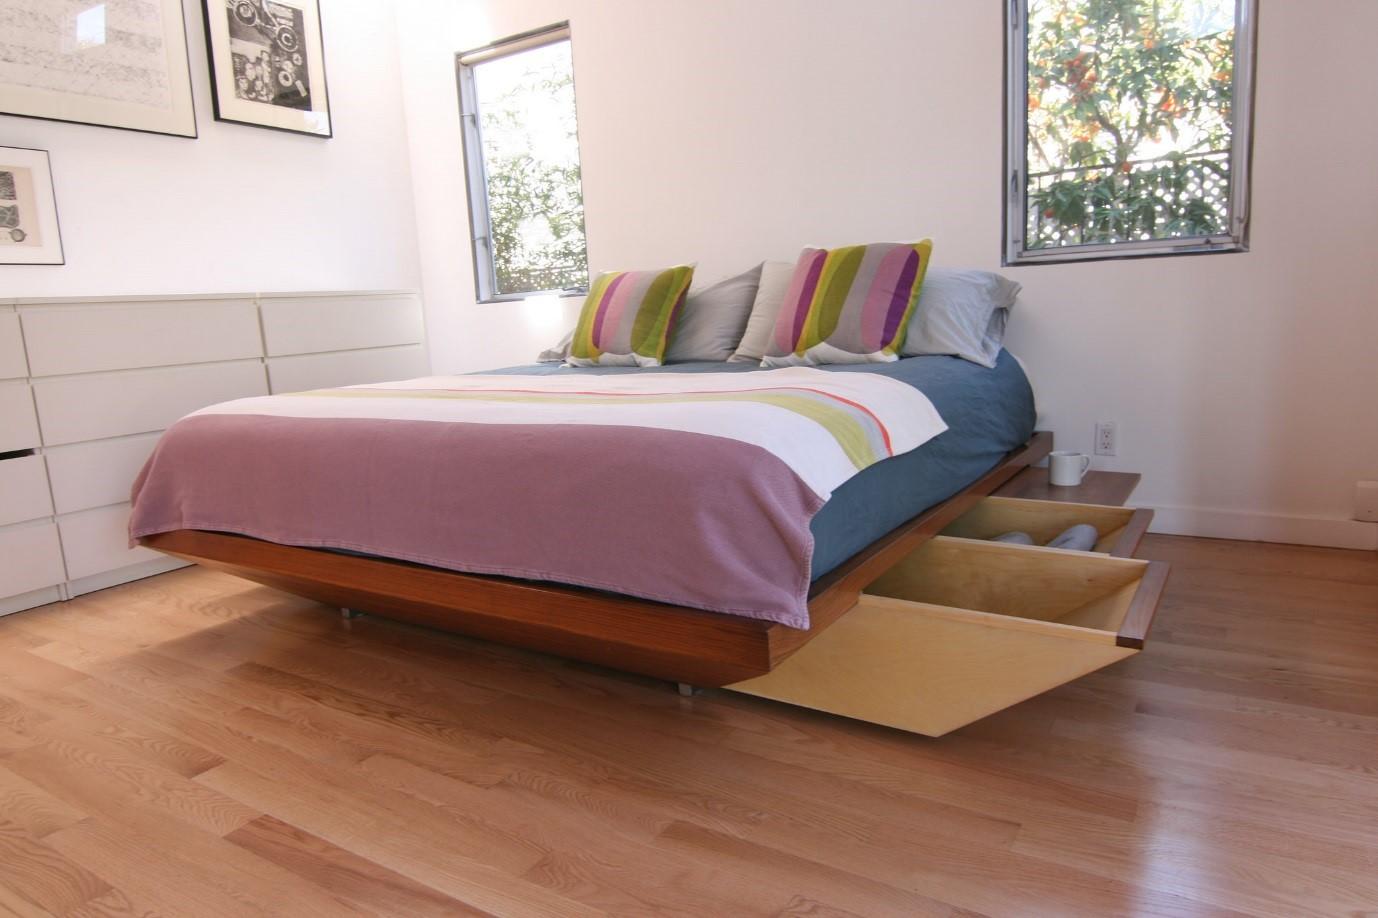 7-idea-bernas-untuk-membuat-bilik-tidur-yang-kecil-tampak-lebih-besar-2